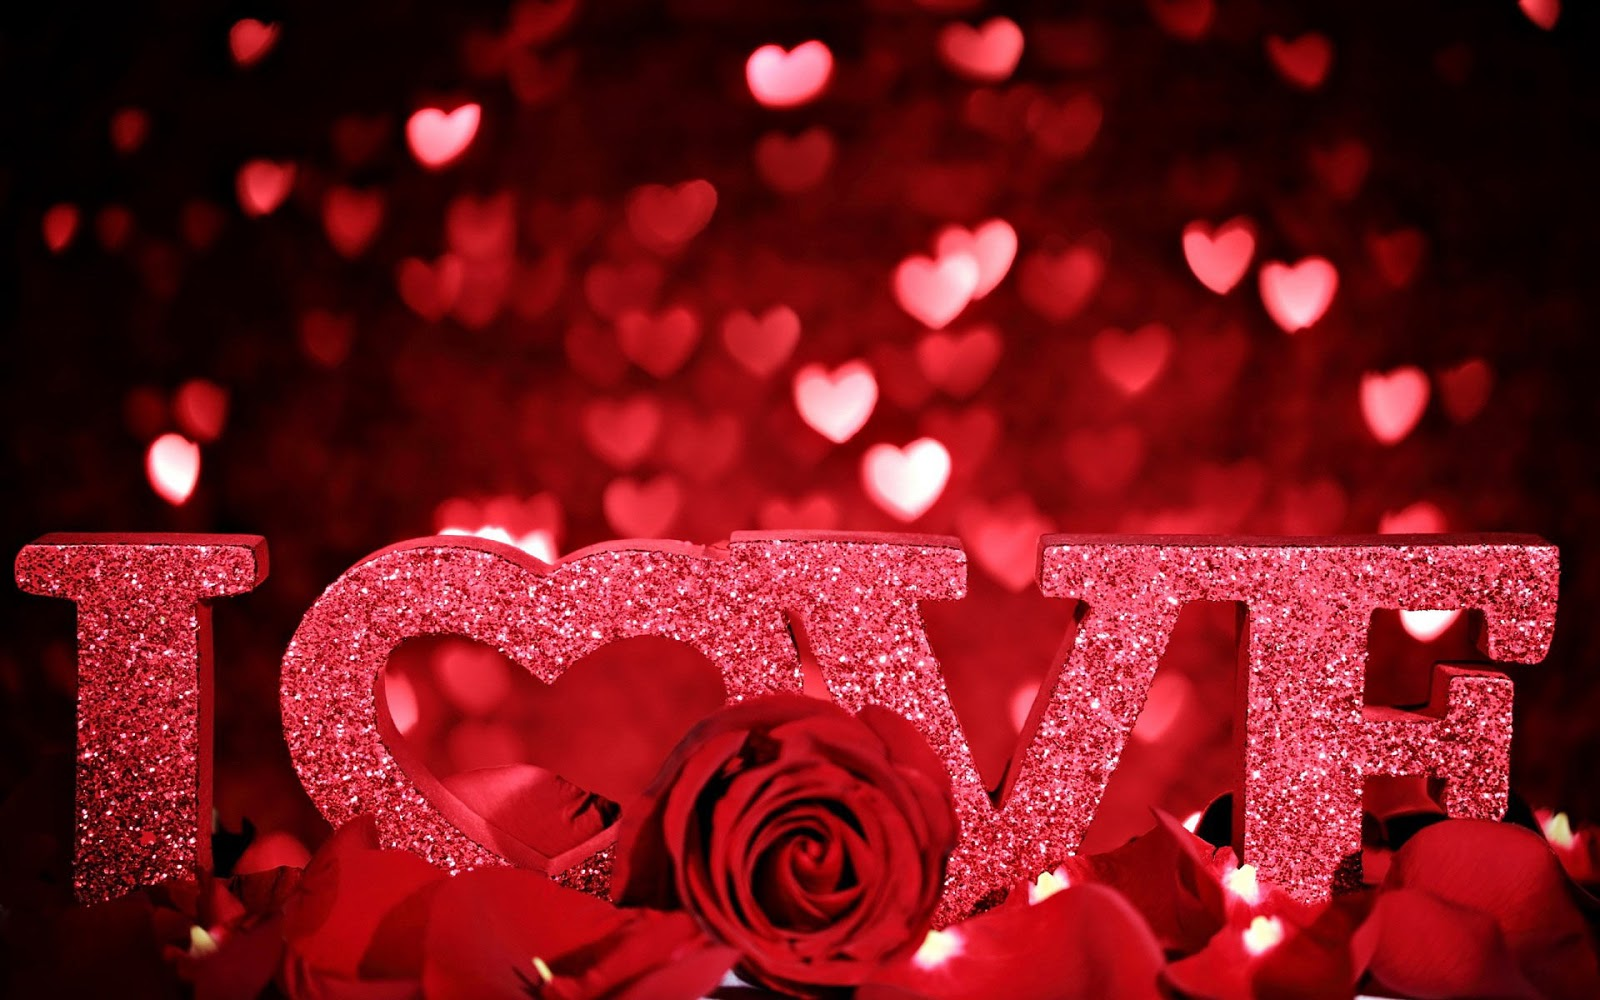 بالصور مناظر حب , احلي بوستات غرامية للمغرمين 2345 3